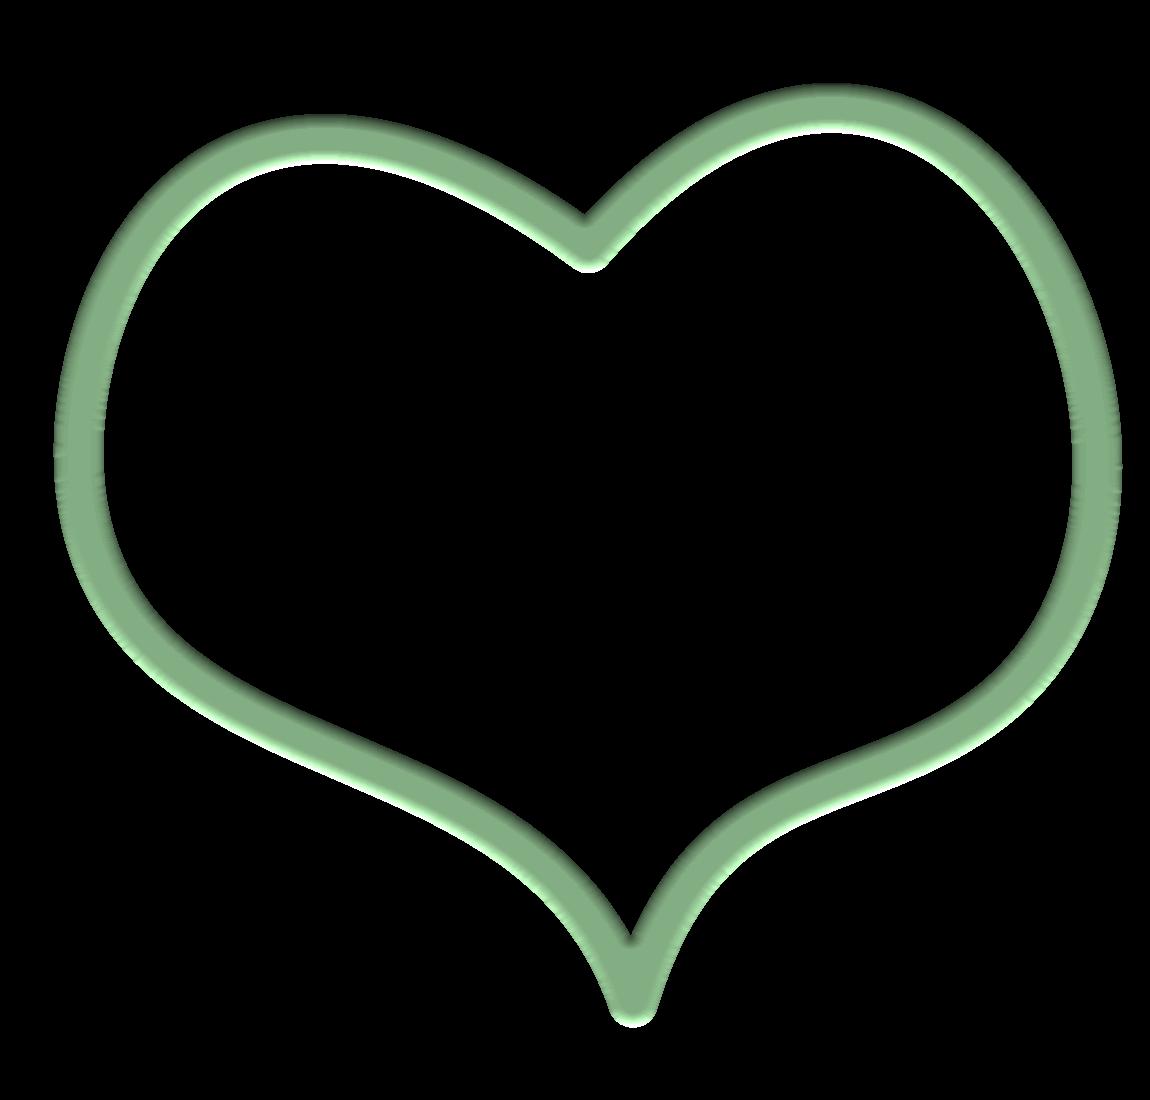 Mint green heart clipart clip Mint green heart clipart - ClipartFest clip